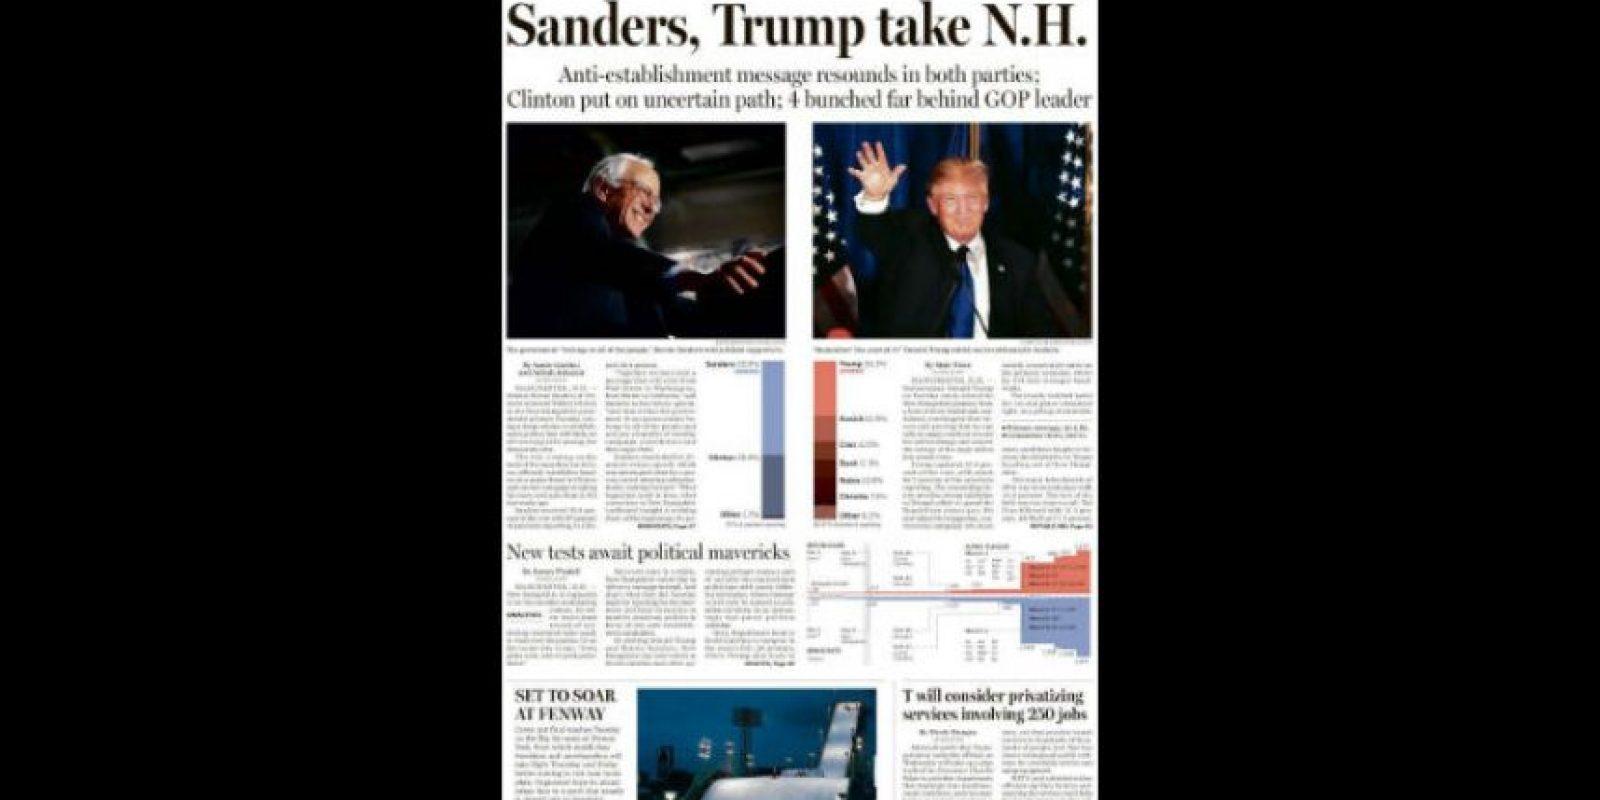 Luego de pasar por las primarias de Iowa y New Hampshire, los precandidatos de ambos partidos continuarán enfrentándose en otros estados Foto:The Boston Globe